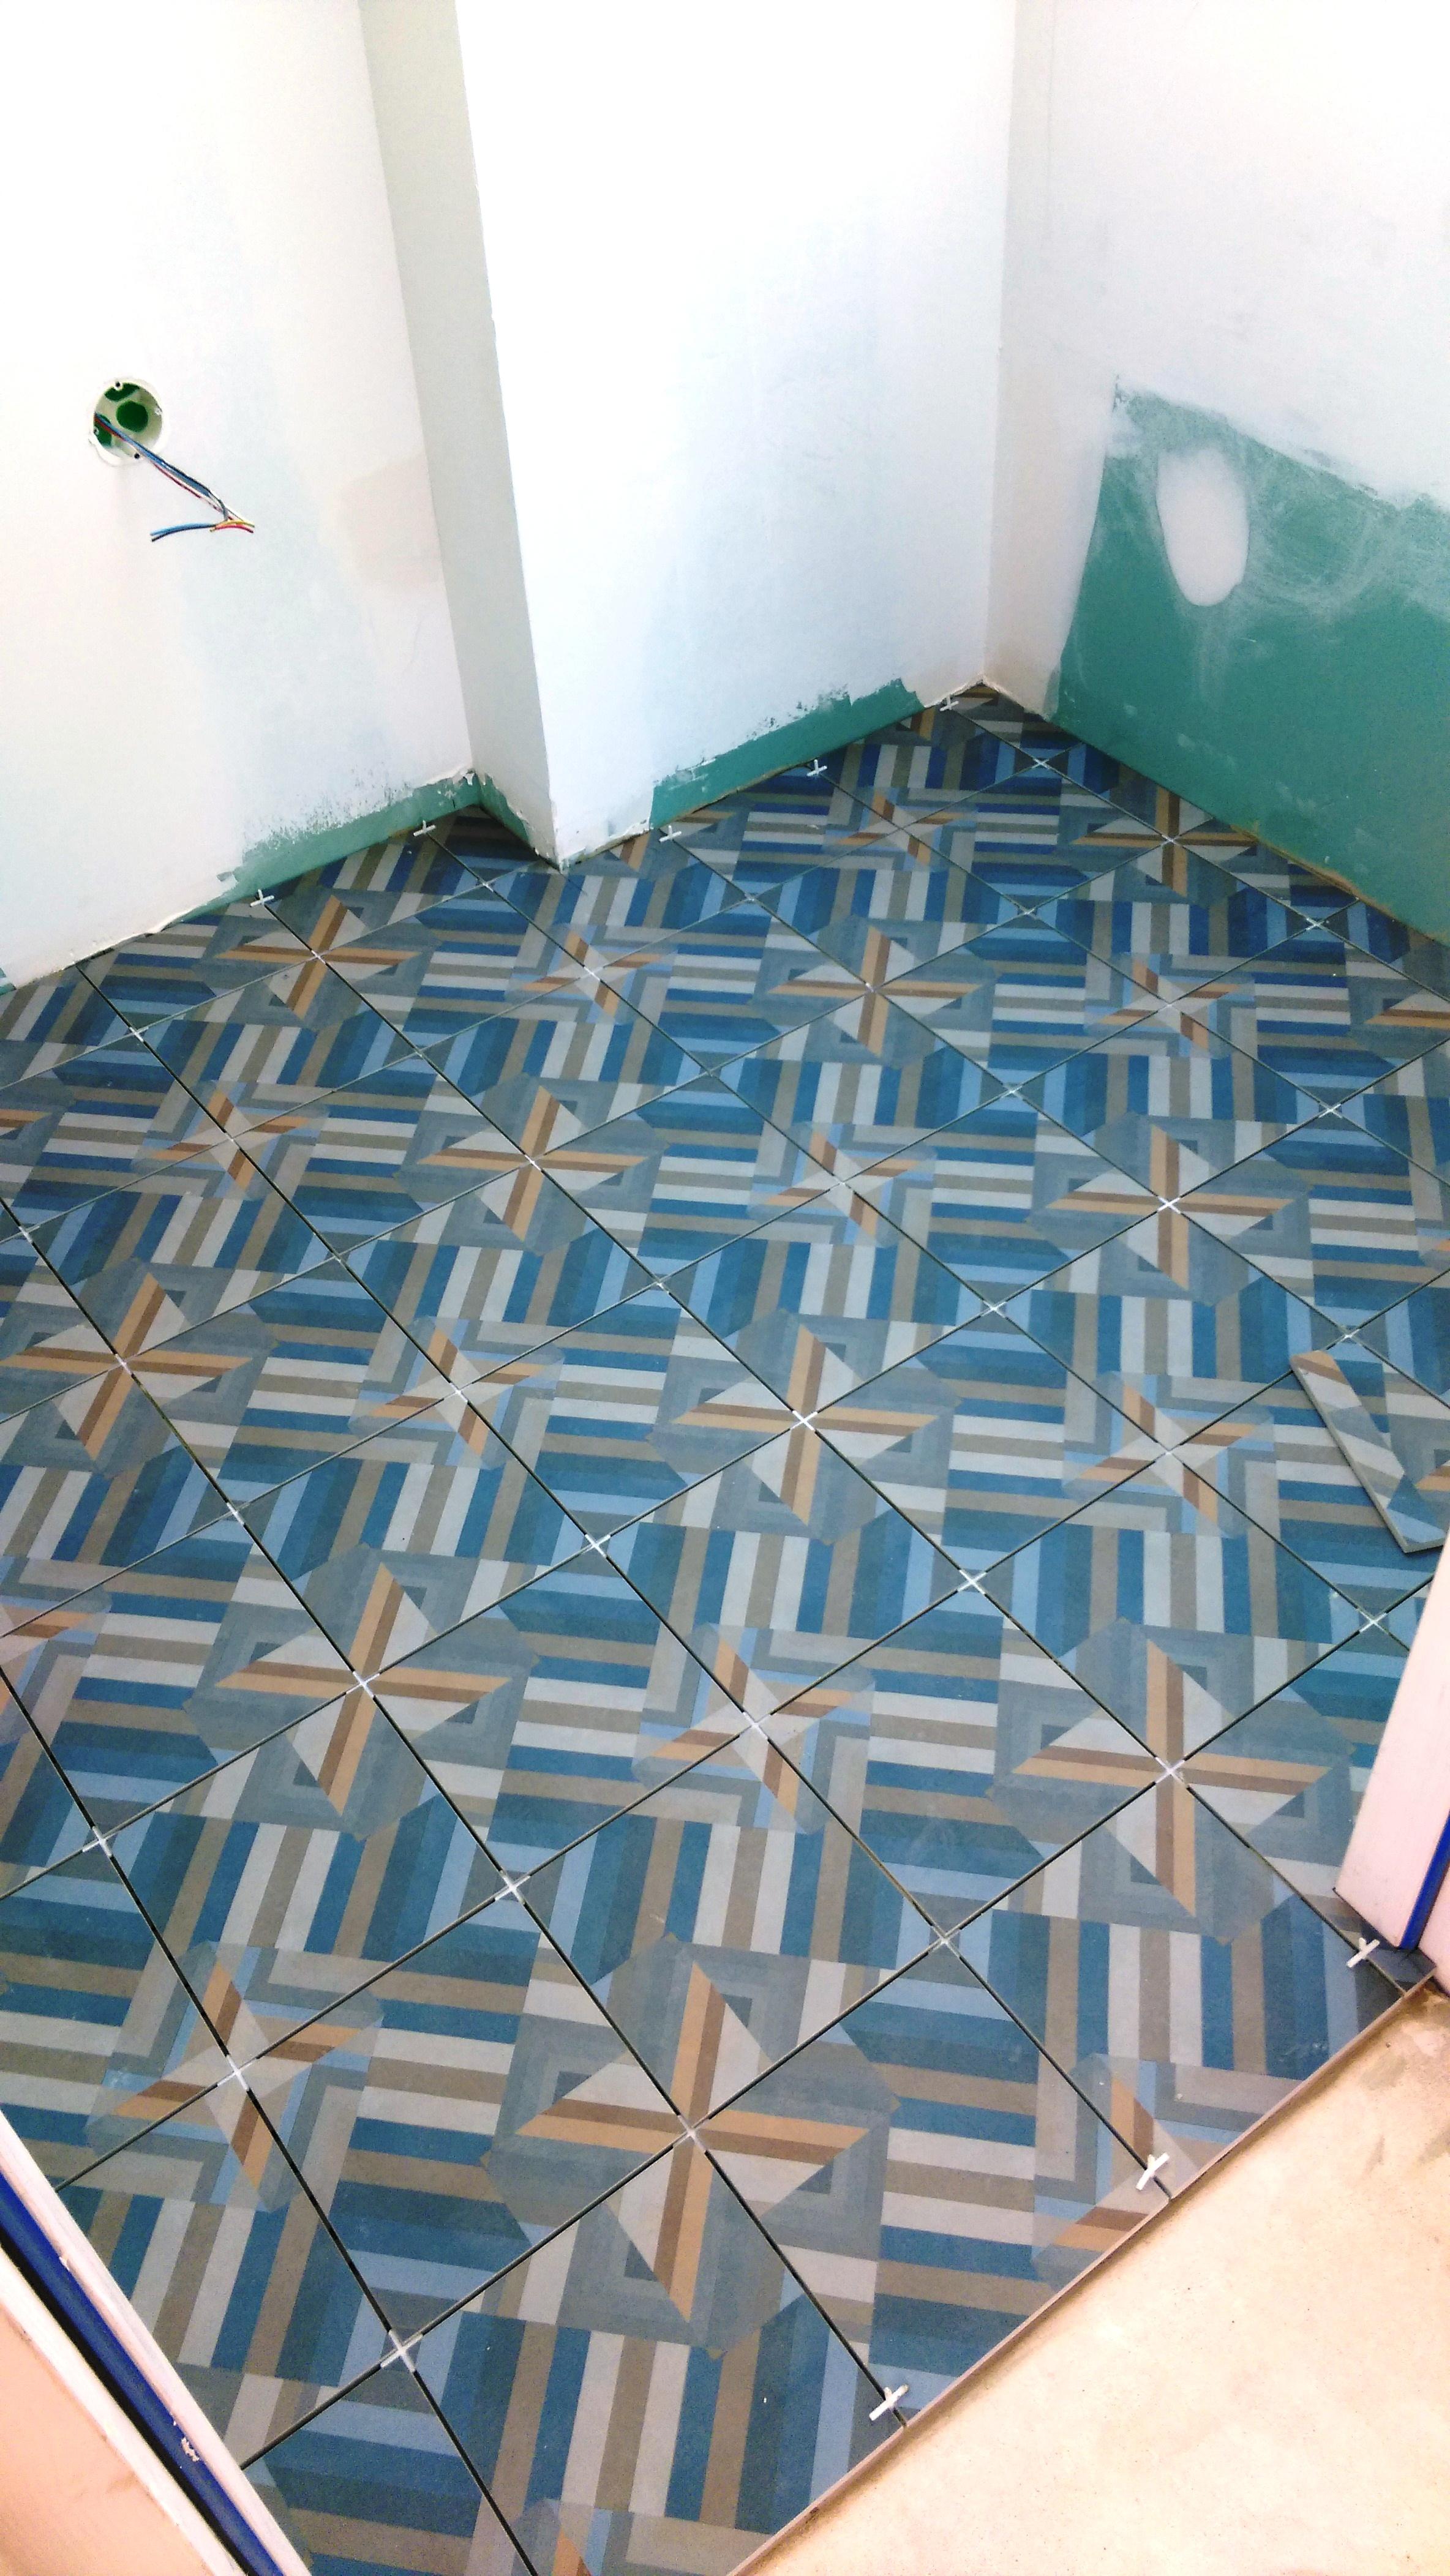 carrelage patricia urquiola carrelage patricia urquiola. Black Bedroom Furniture Sets. Home Design Ideas